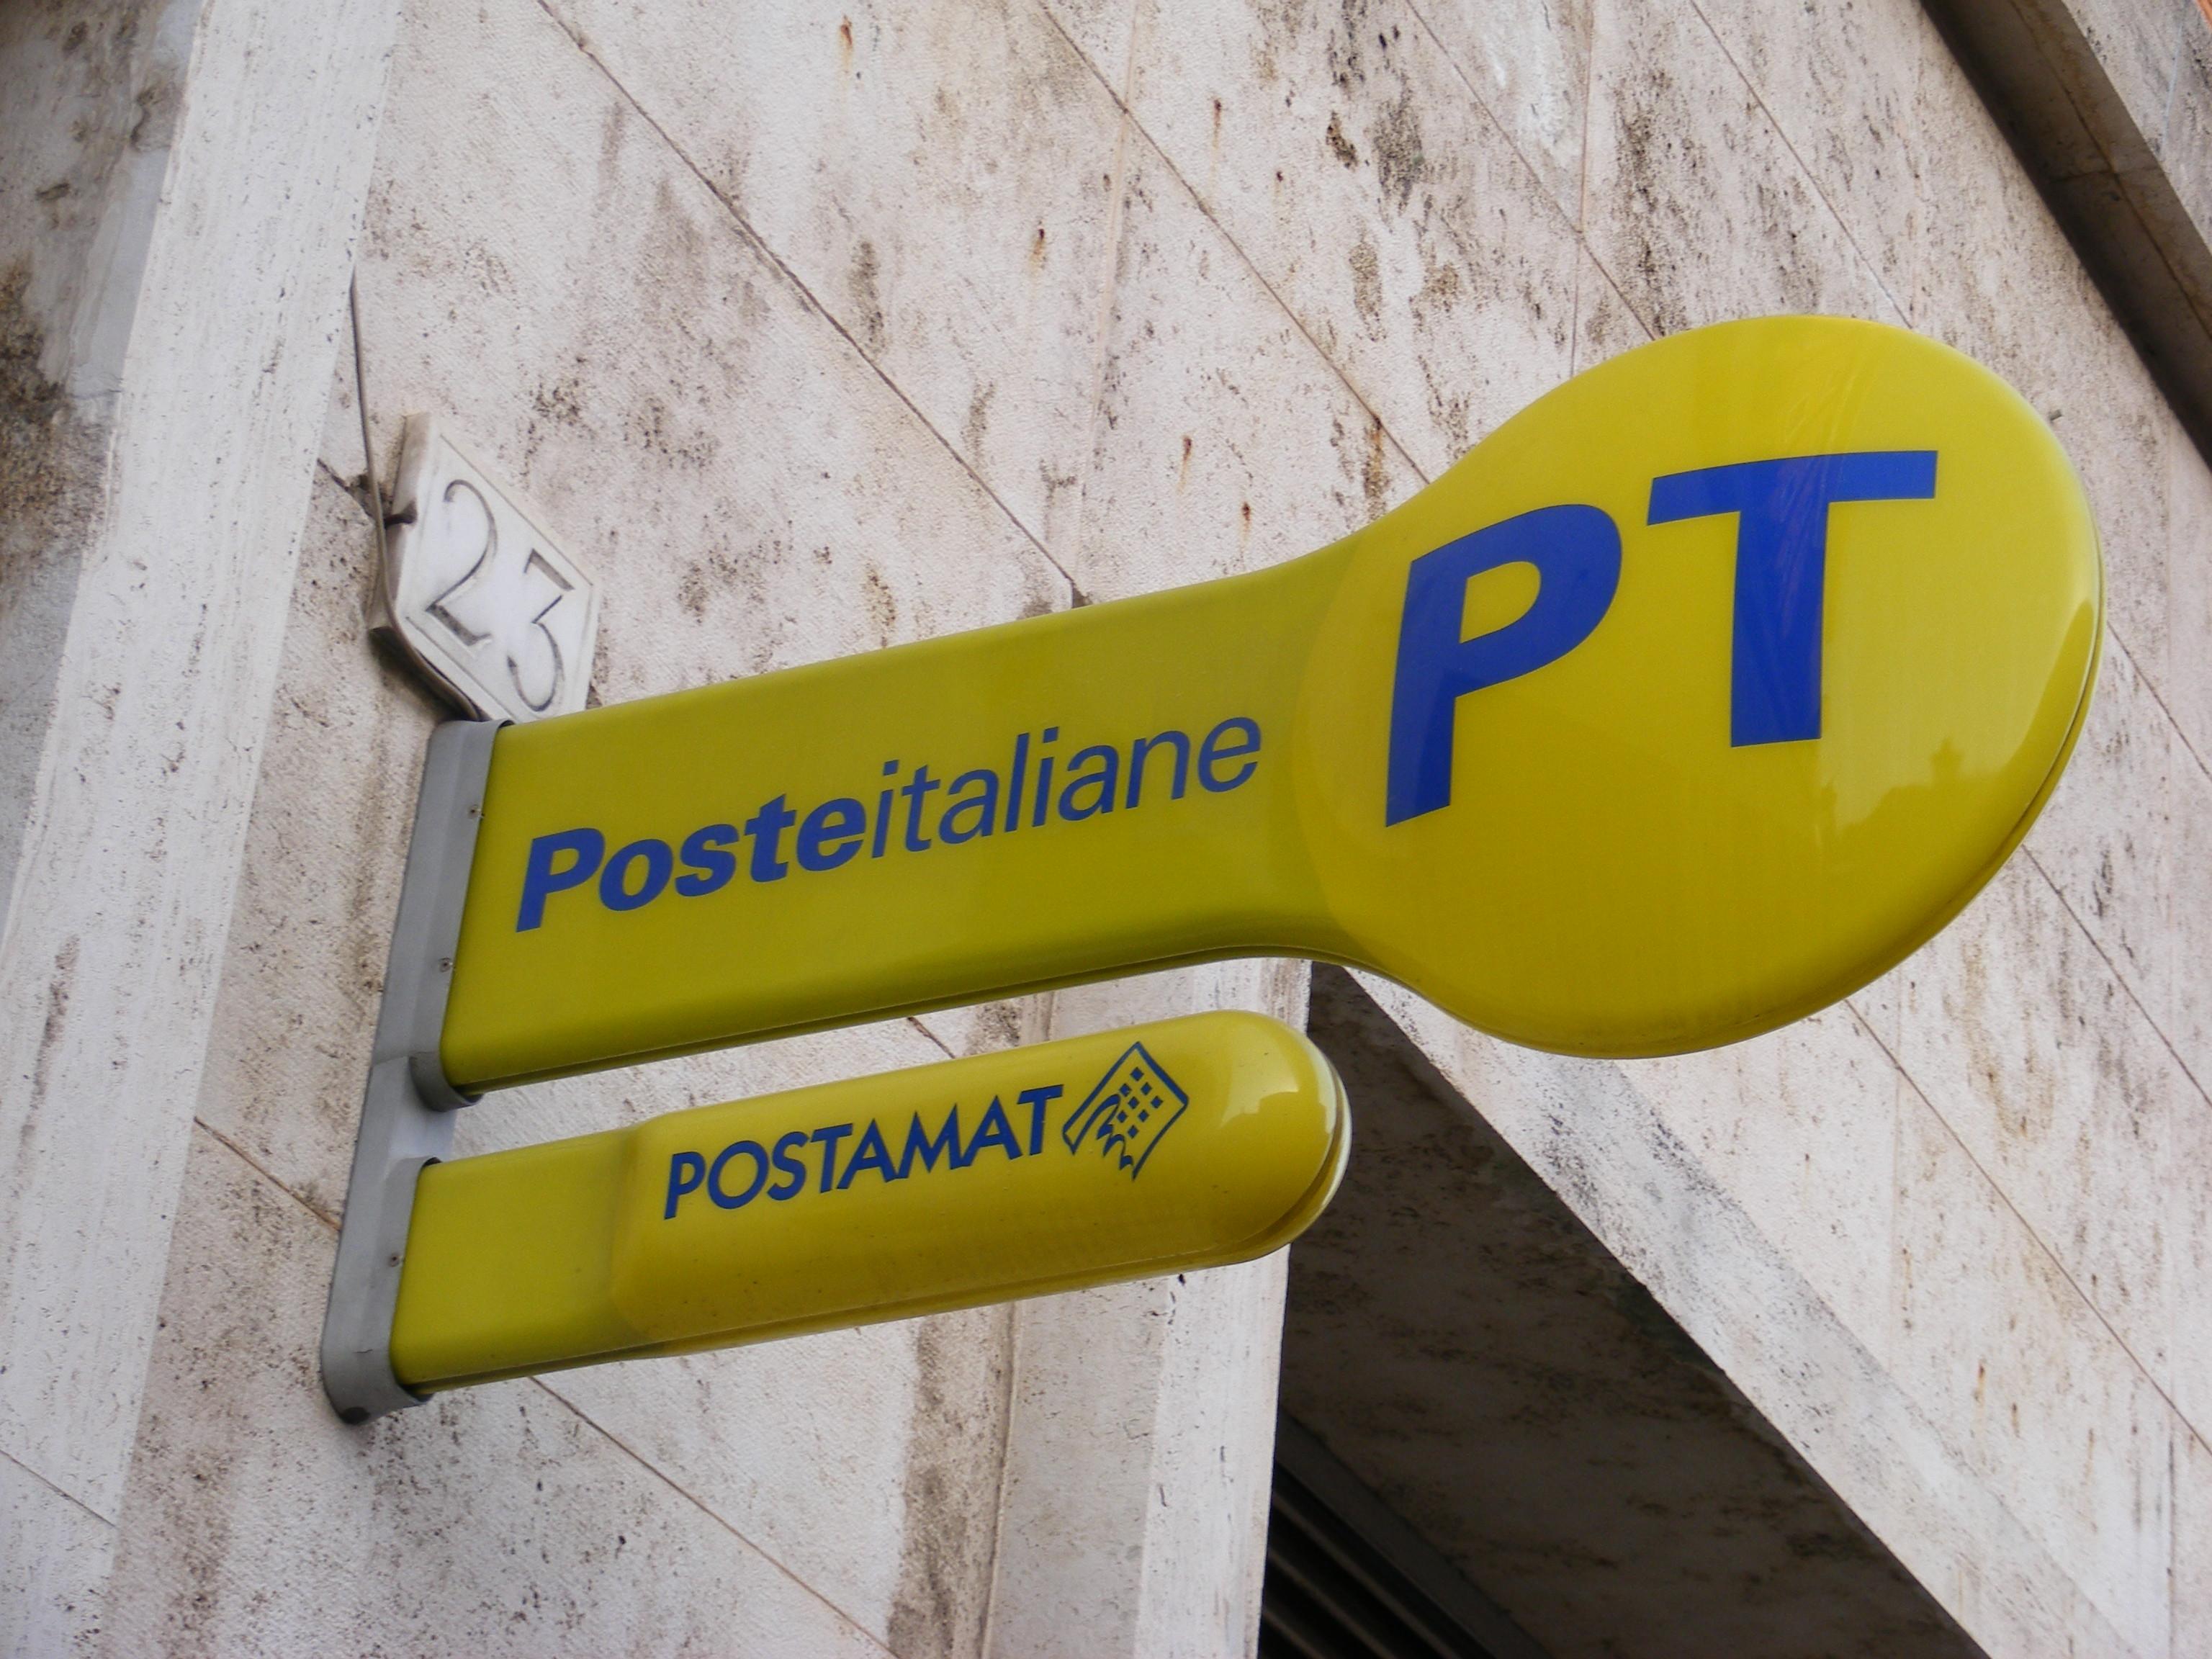 Ufficio Postale A Palermo : Rapina a un ufficio postale di palermo in due prendono i soldi